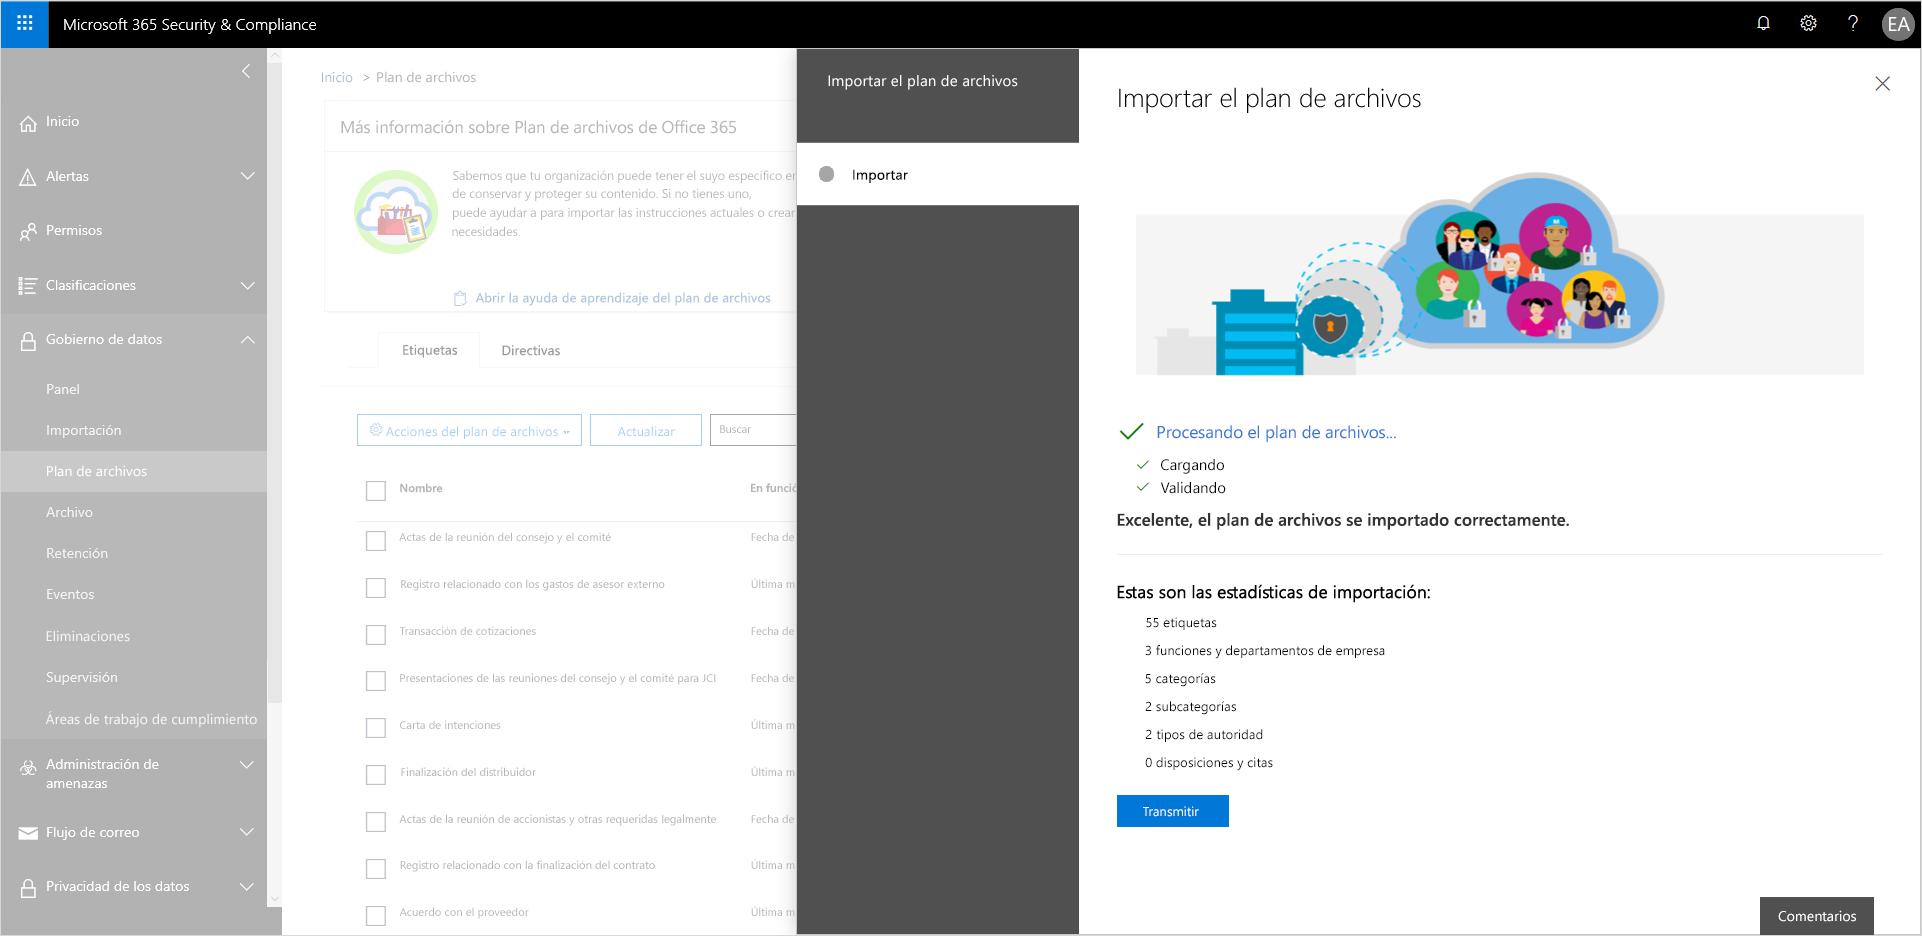 Imagen donde se muestra una importación de archivos validada en el Centro de seguridad y cumplimiento.